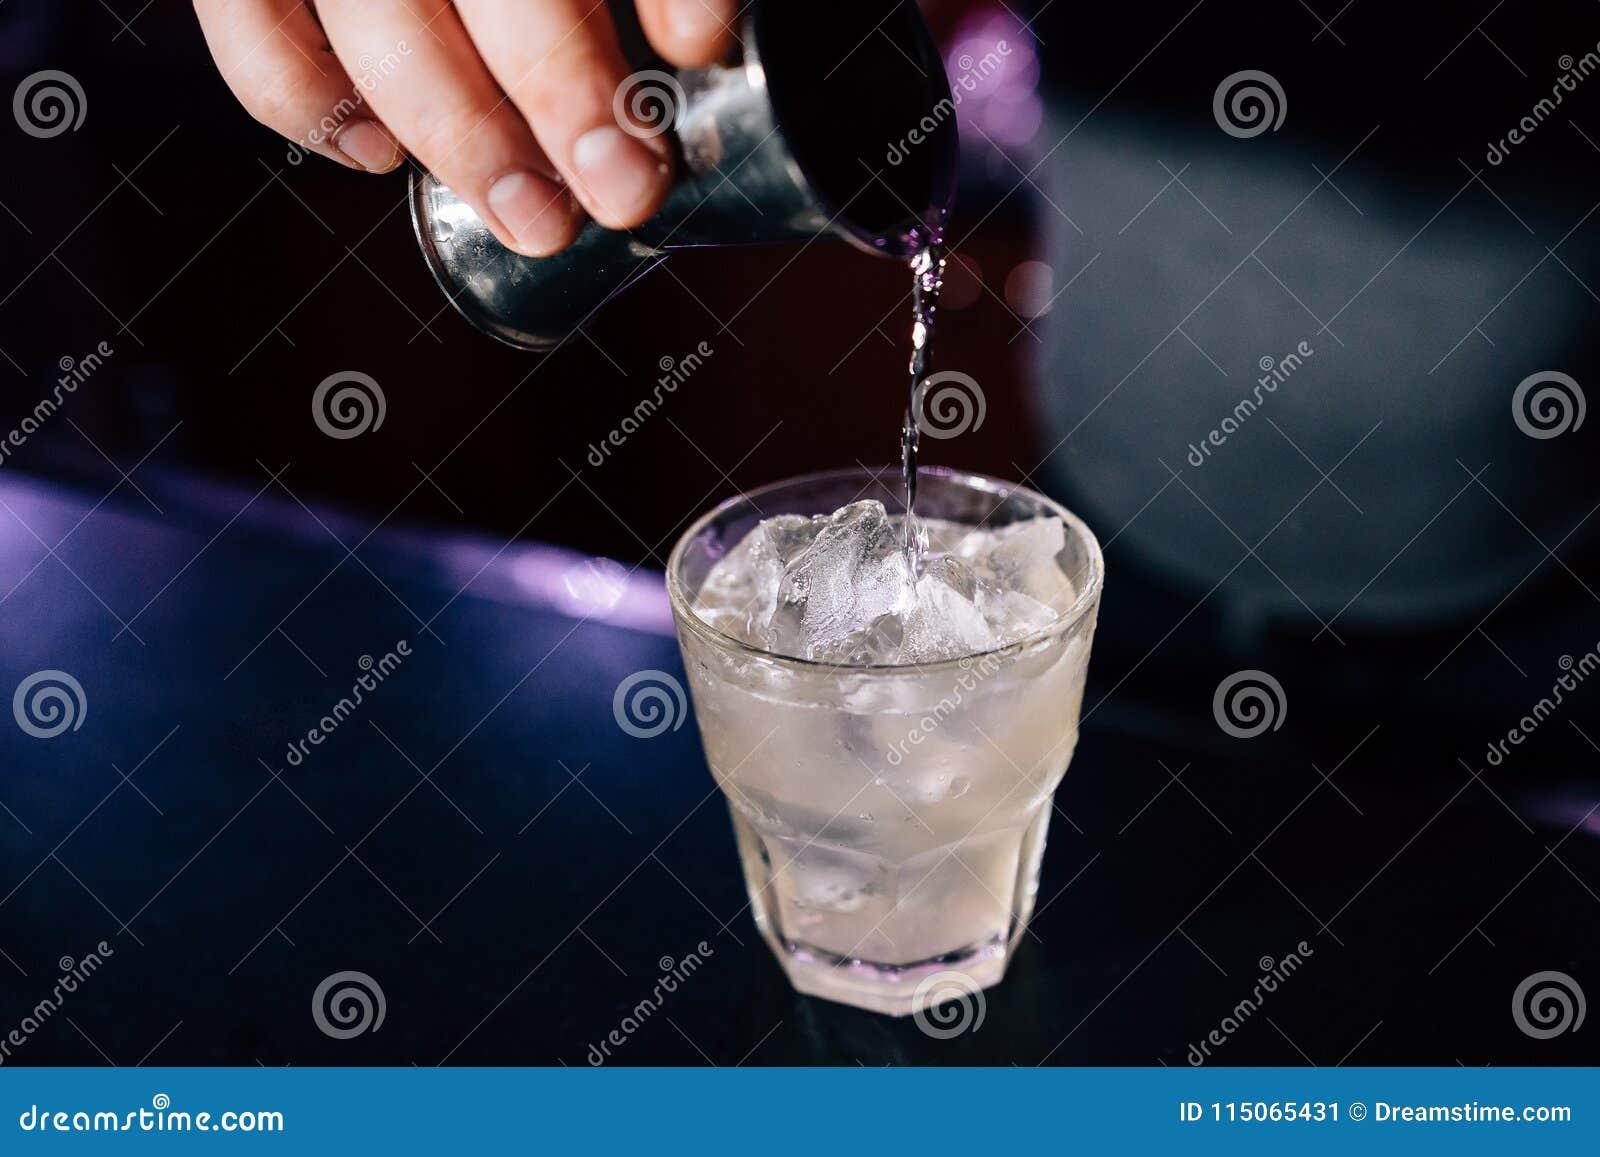 De barman bereidt een cocktail voor